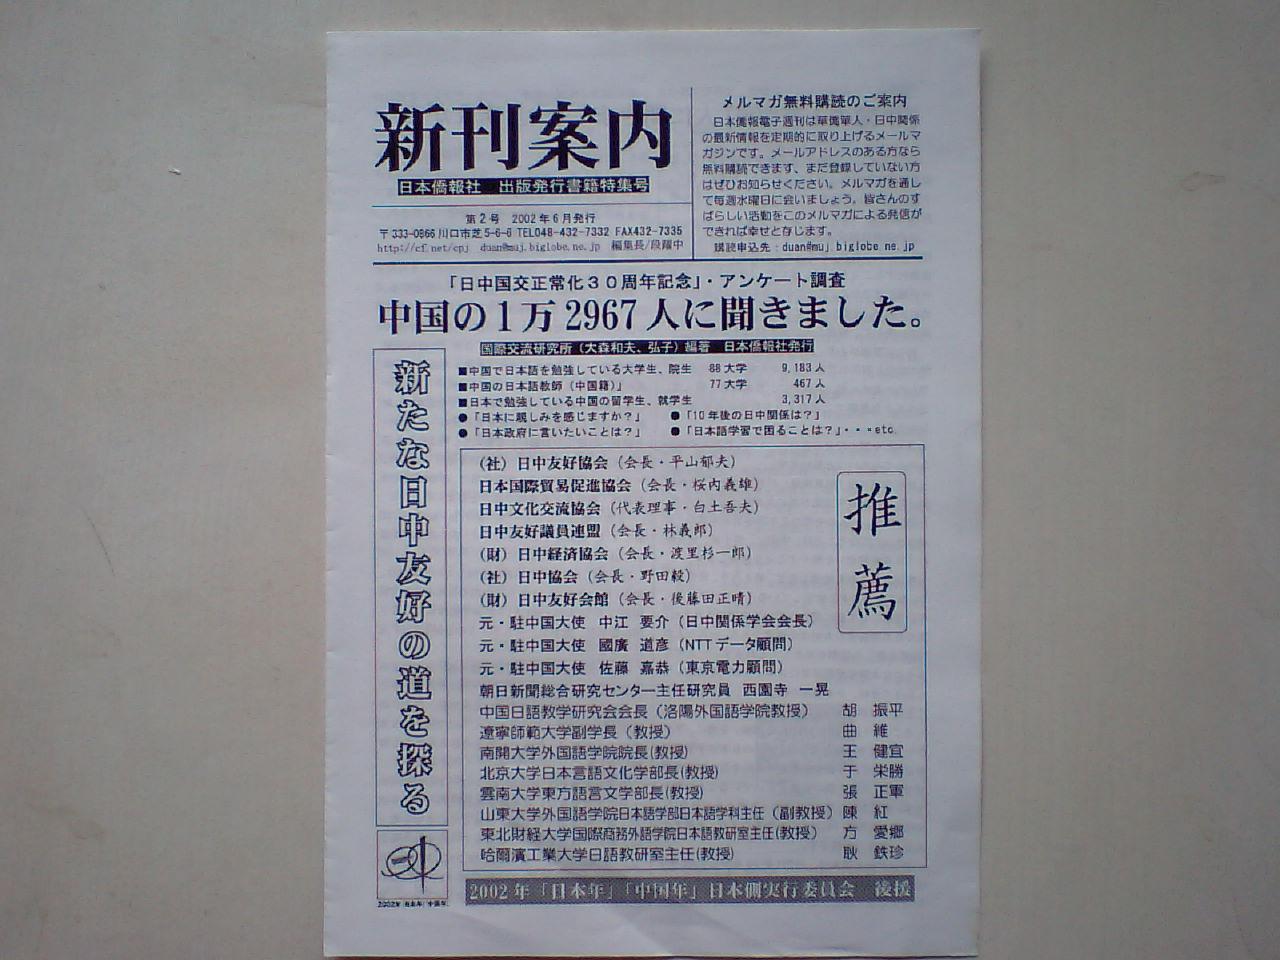 数年前には「新刊案内」を数号発行しました_d0027795_17155881.jpg